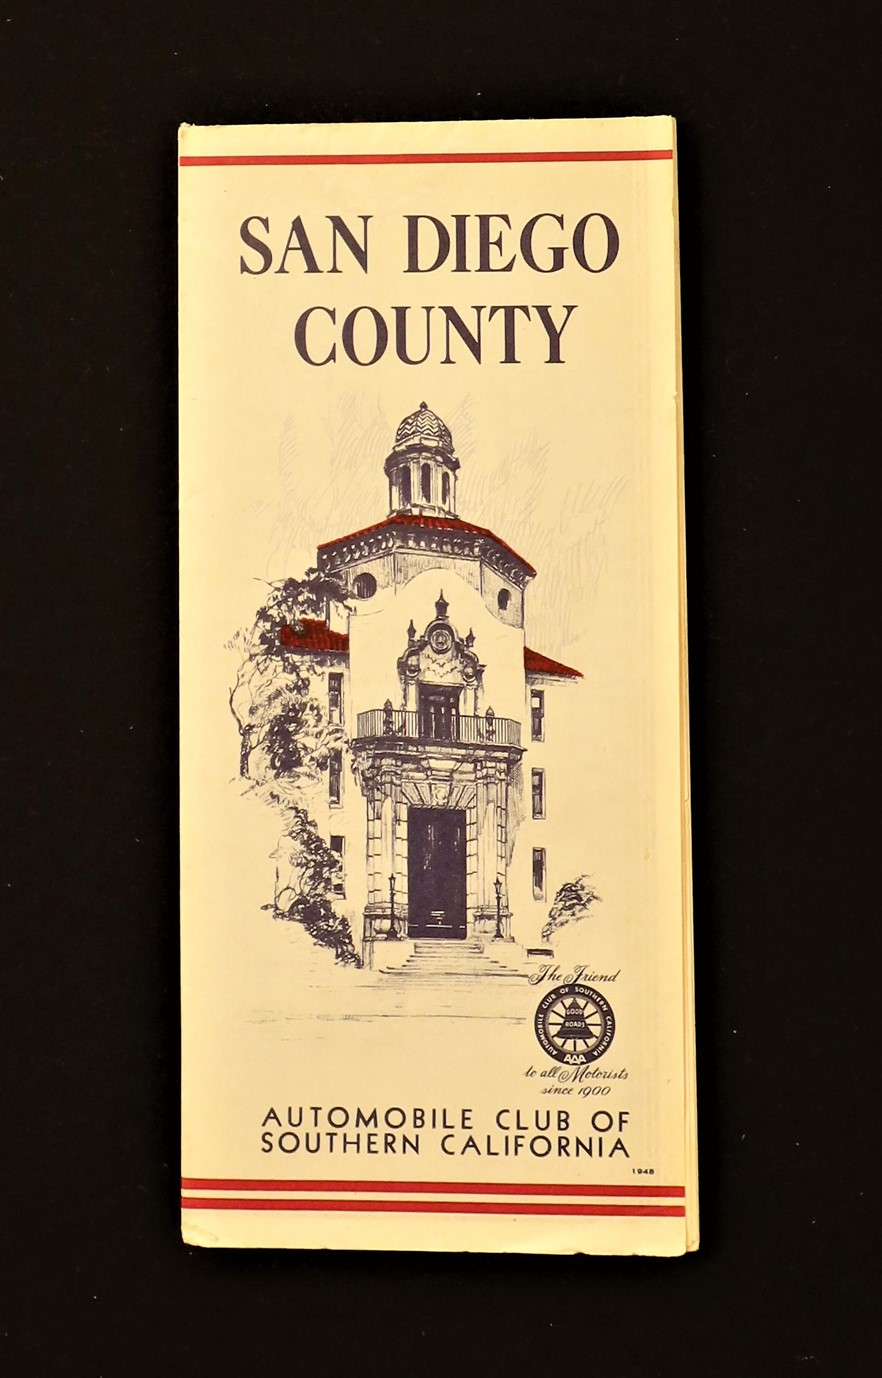 Auto Club SoCal San Diego County 1948